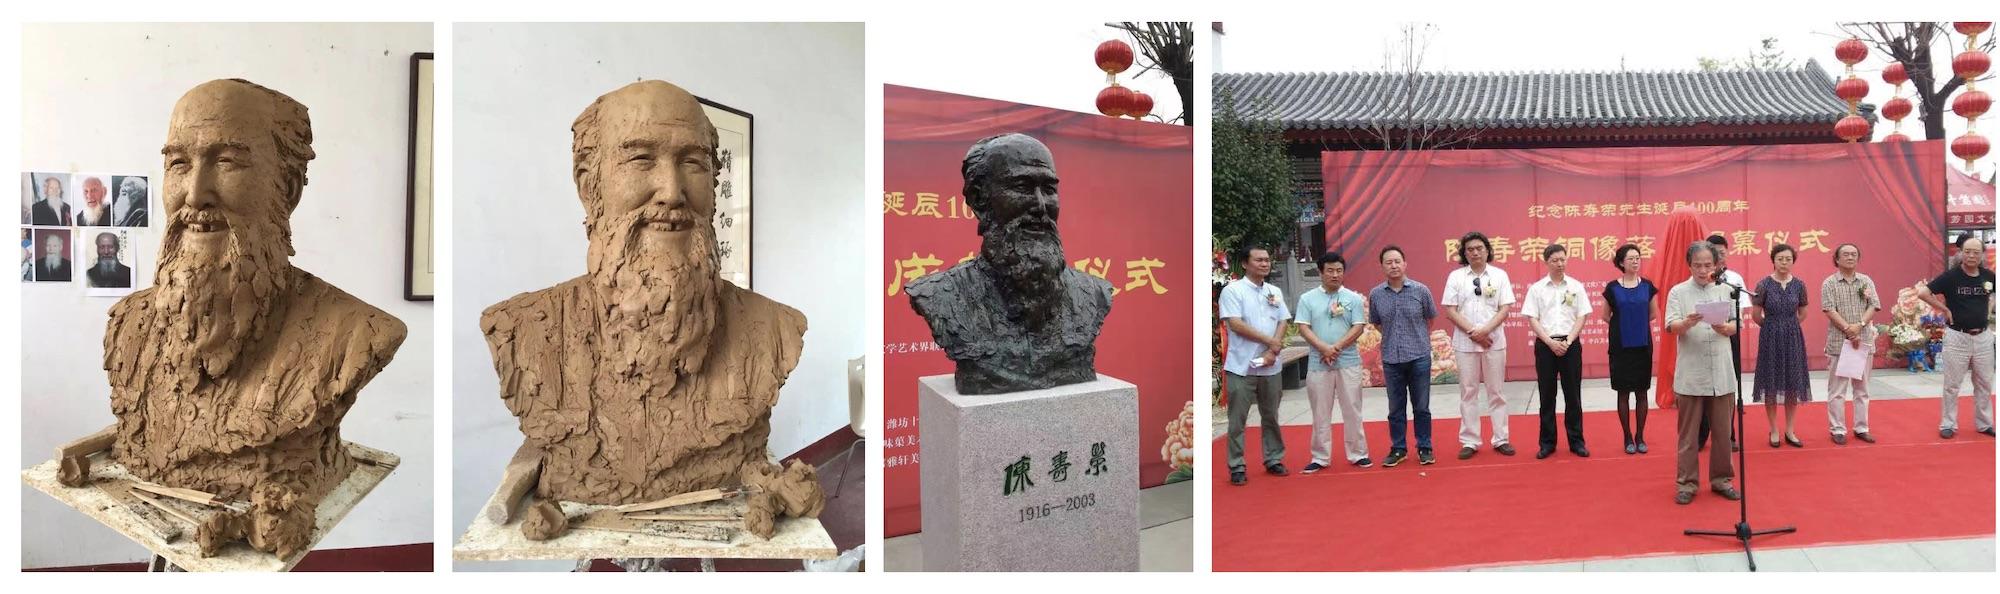 著名画家陈寿荣人物万博体育彩票官网app塑像